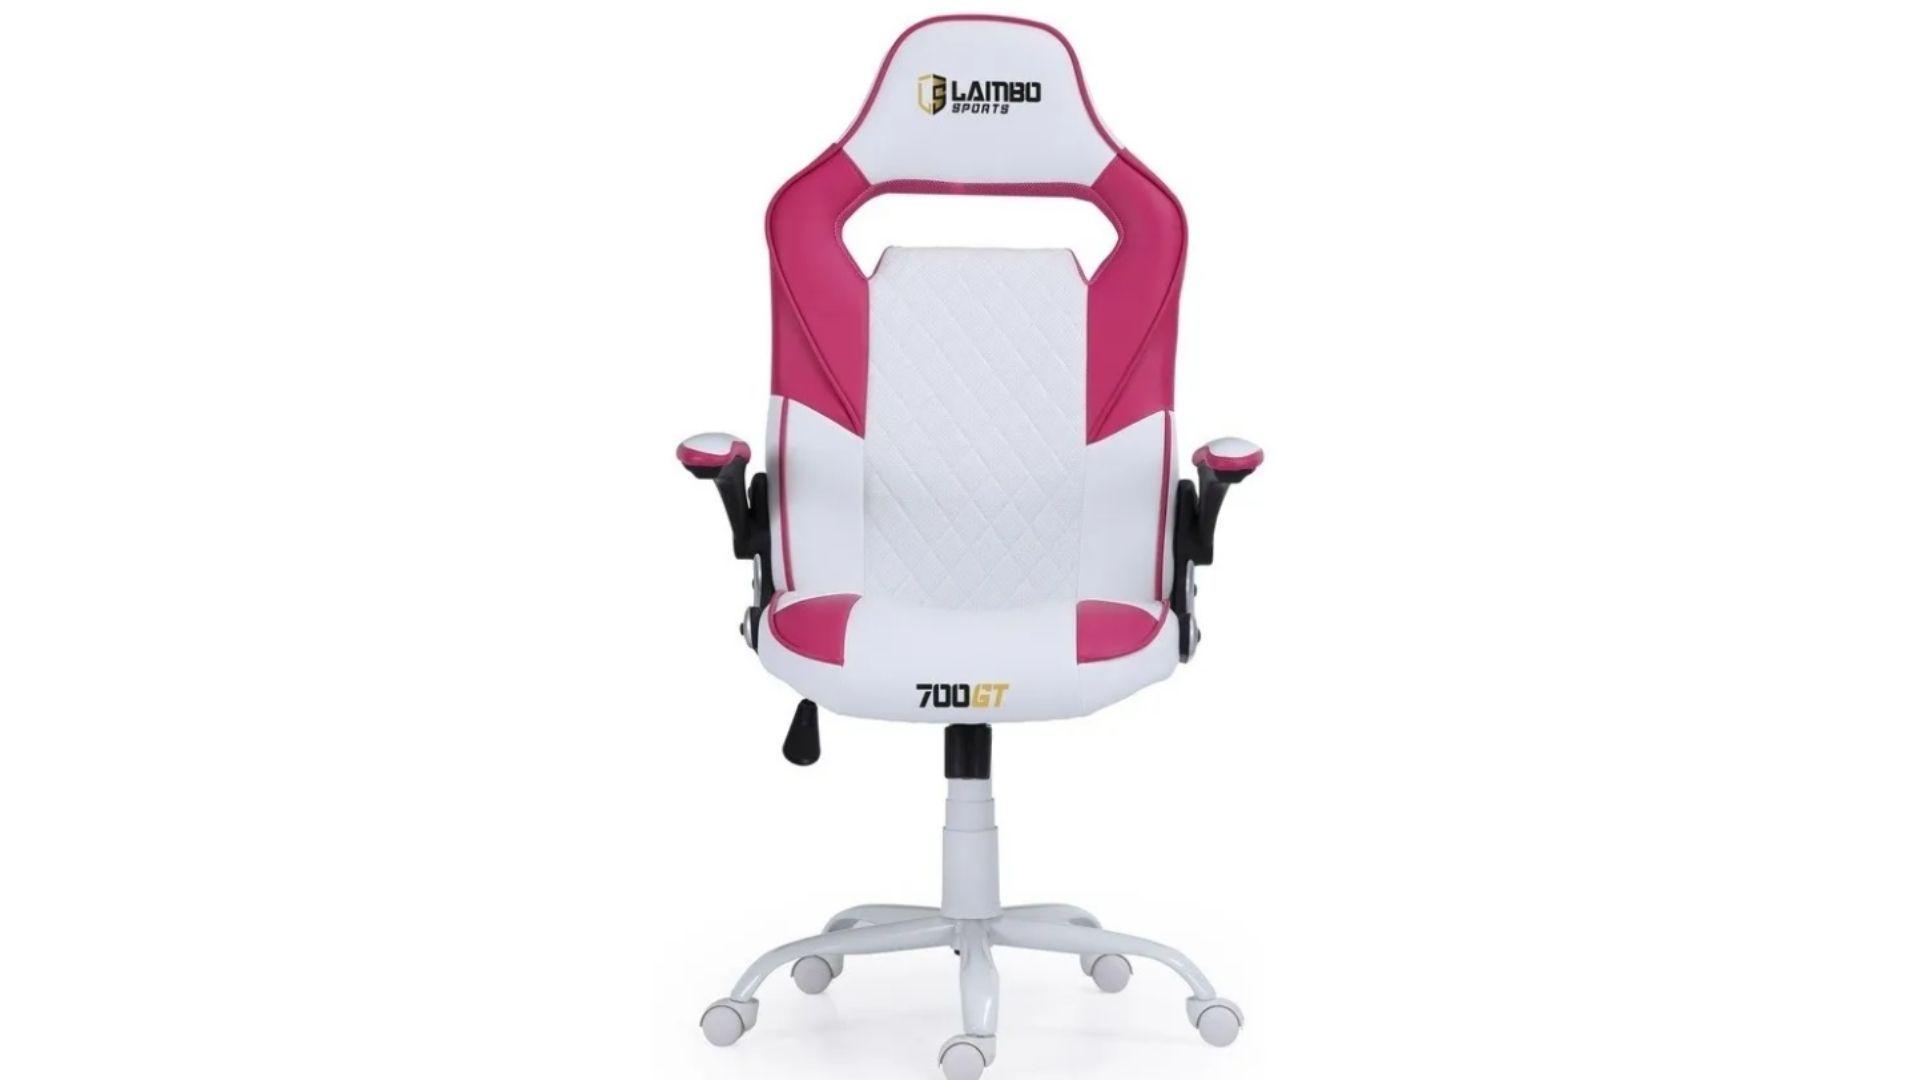 A 700 GT entra na lista de cadeira gamer rosa com valor acima de R$ 1.000 (Foto: Divulgação/Lambo Sports)